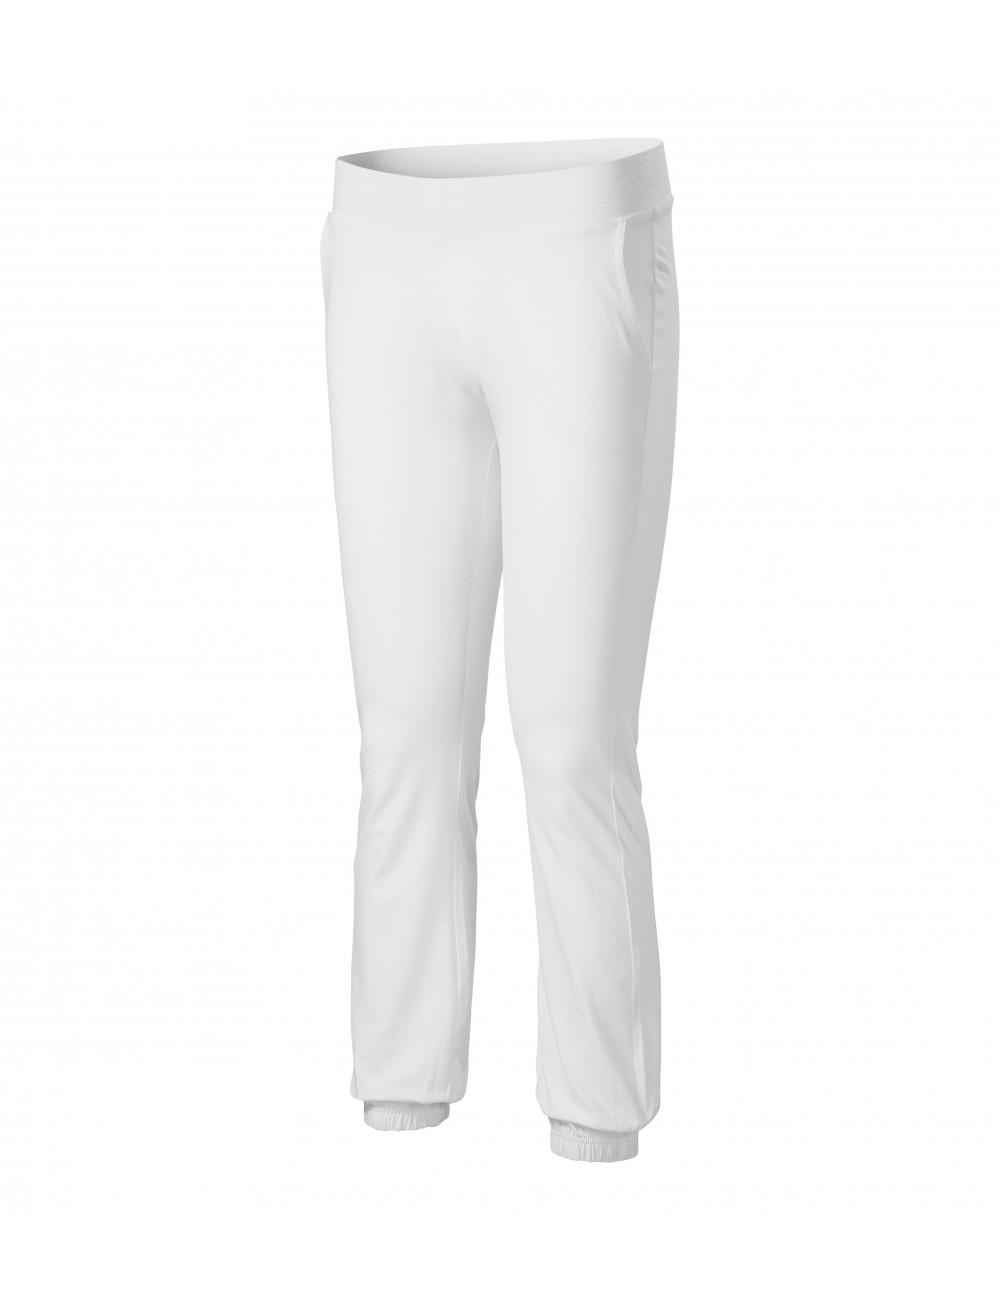 Adler MALFINI Spodnie dresowe damskie Leisure 603 biały